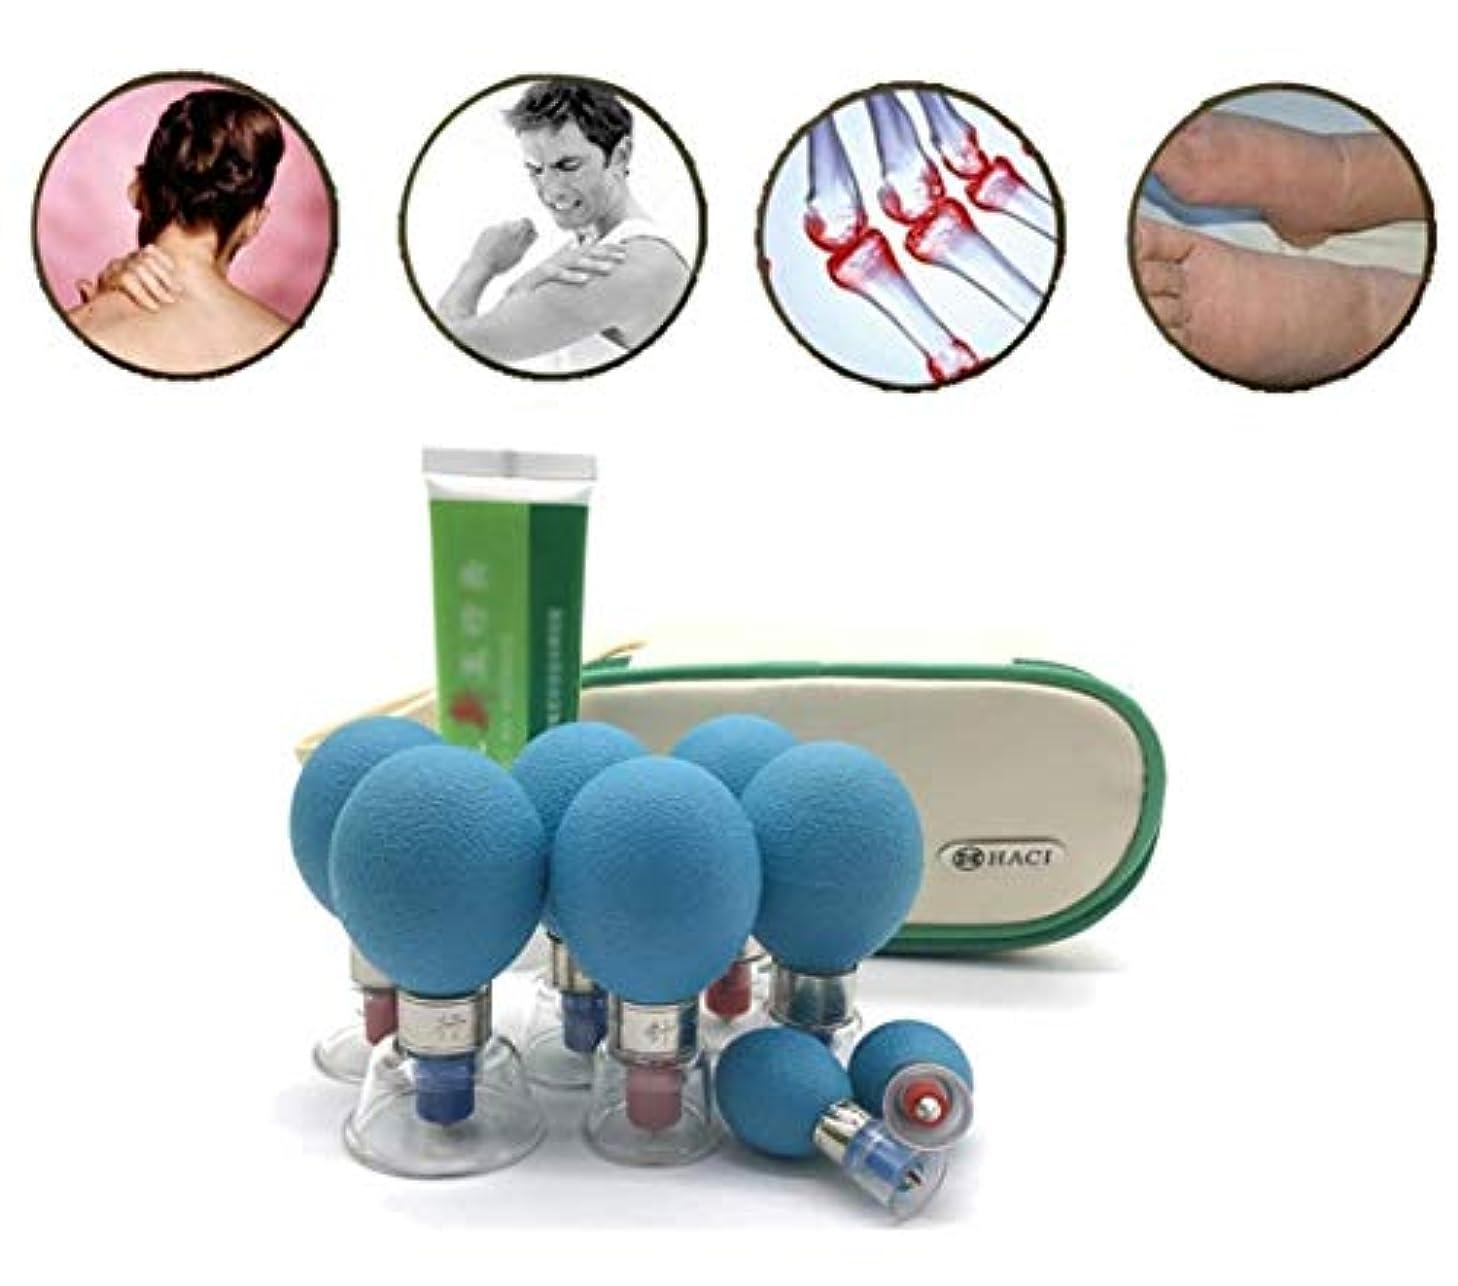 アイロニー少し病気だと思う真空磁気療法サクションカップ、鍼灸マッサージジャー、マッサージ筋肉関節の痛みを軽減するTCM磁気療法指圧サクションカップ,8pieces